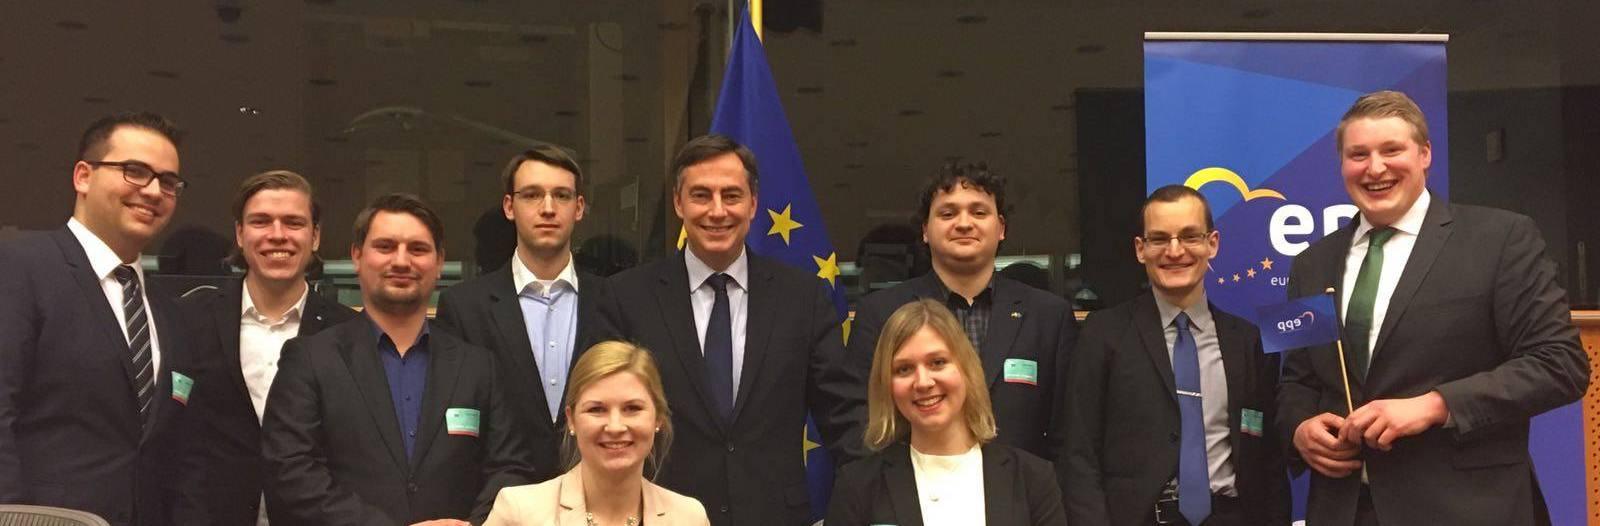 RCDS Niedersachsen besucht David McAllister in Brüssel